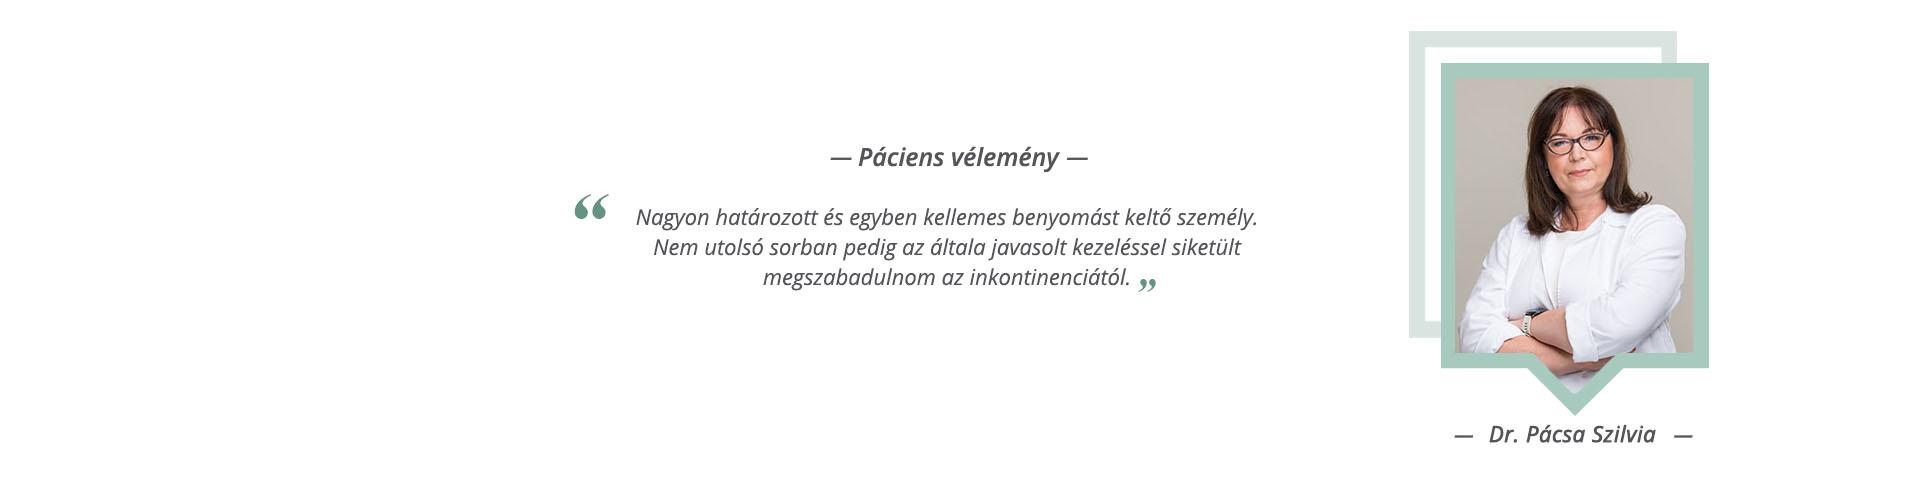 boc-home-cut-dr.pacsa_hu